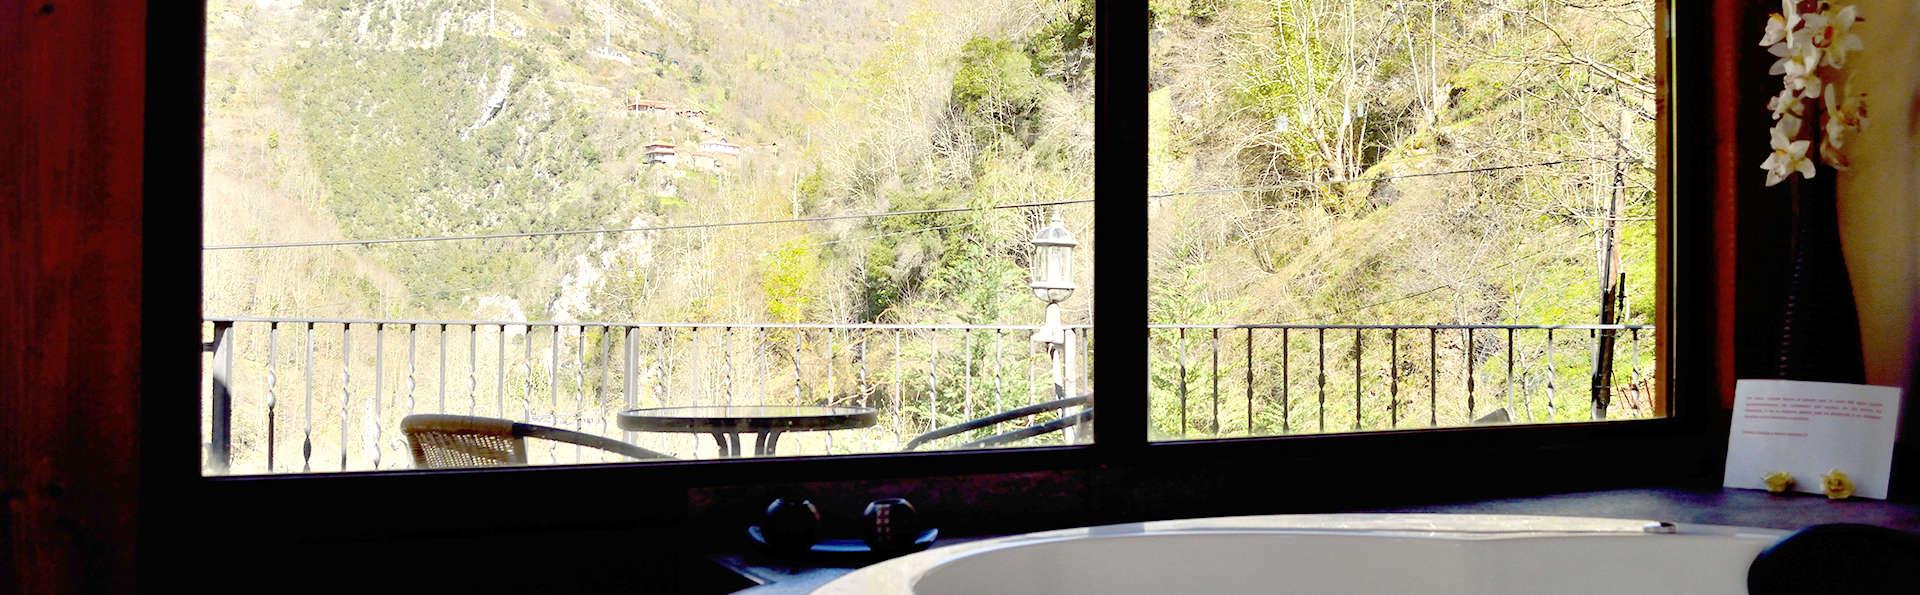 Escapadas fin de semana rom nticas ponga con acceso al - Escapadas romanticas jacuzzi habitacion ...